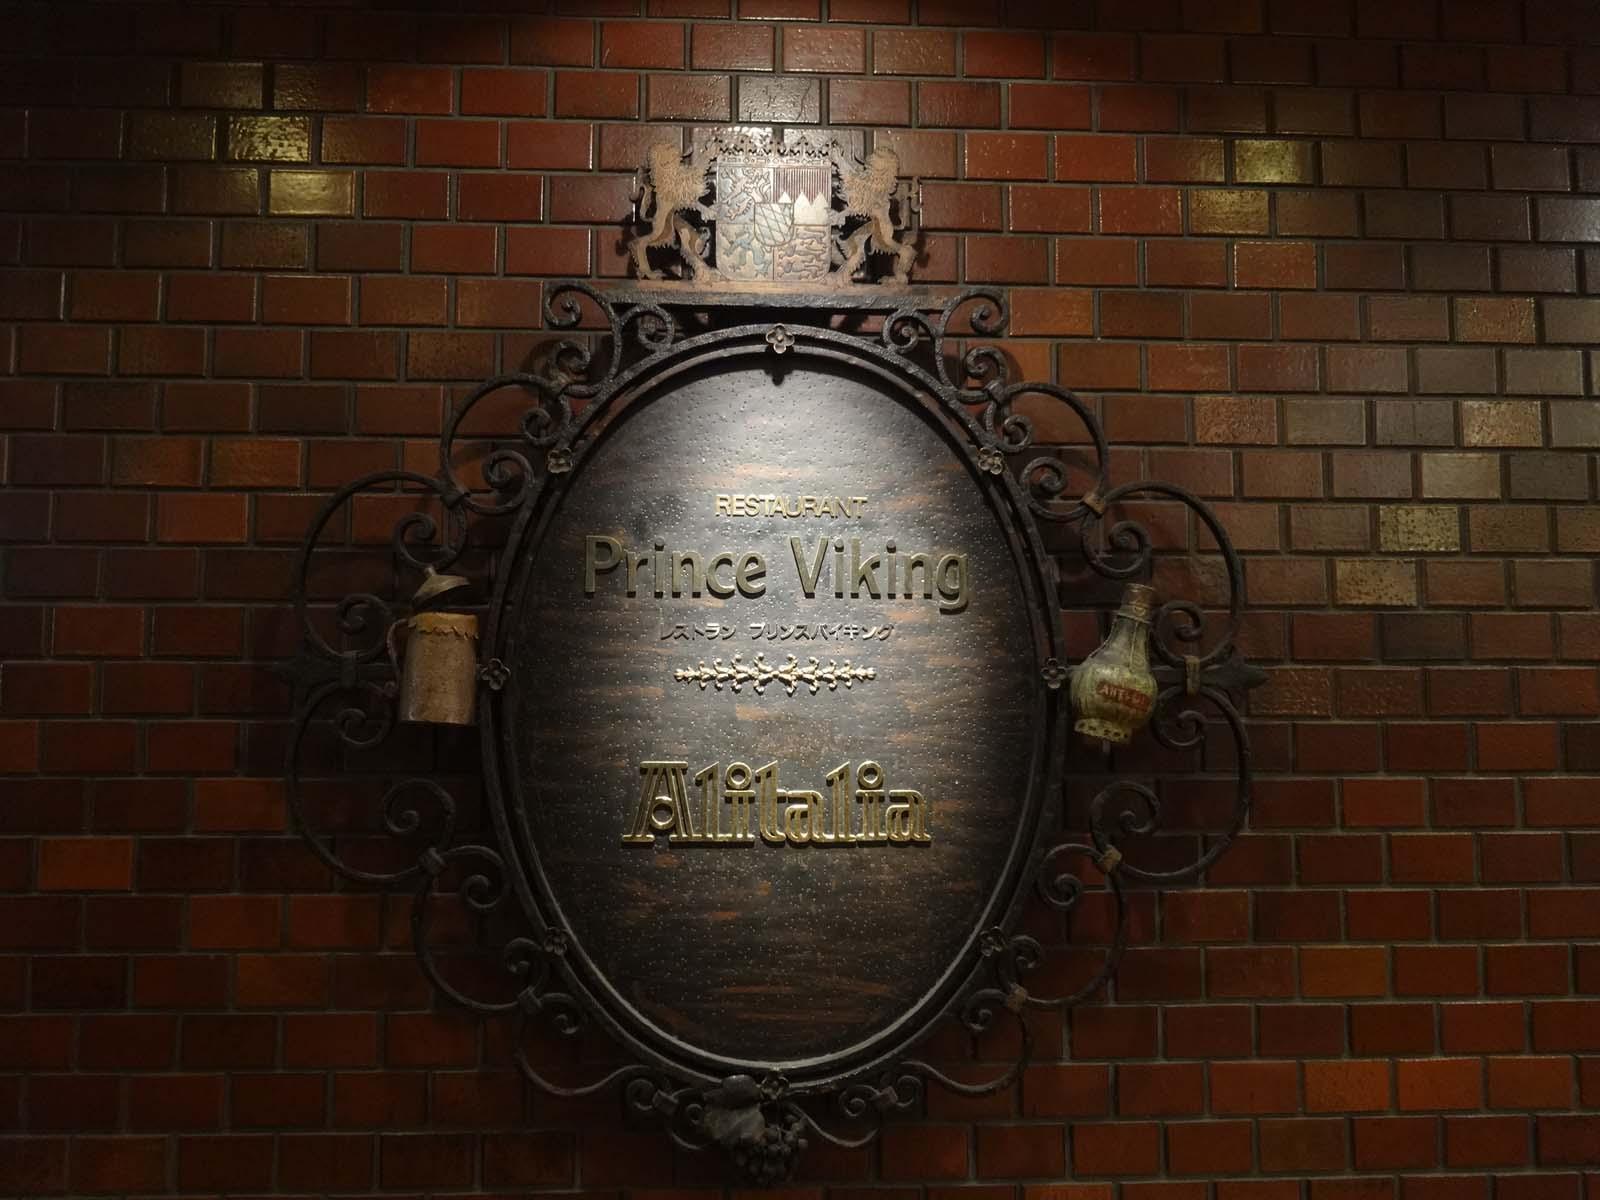 看板,レストラン,新宿プリンス〈著作権フリー画像〉 Free Stock Photos